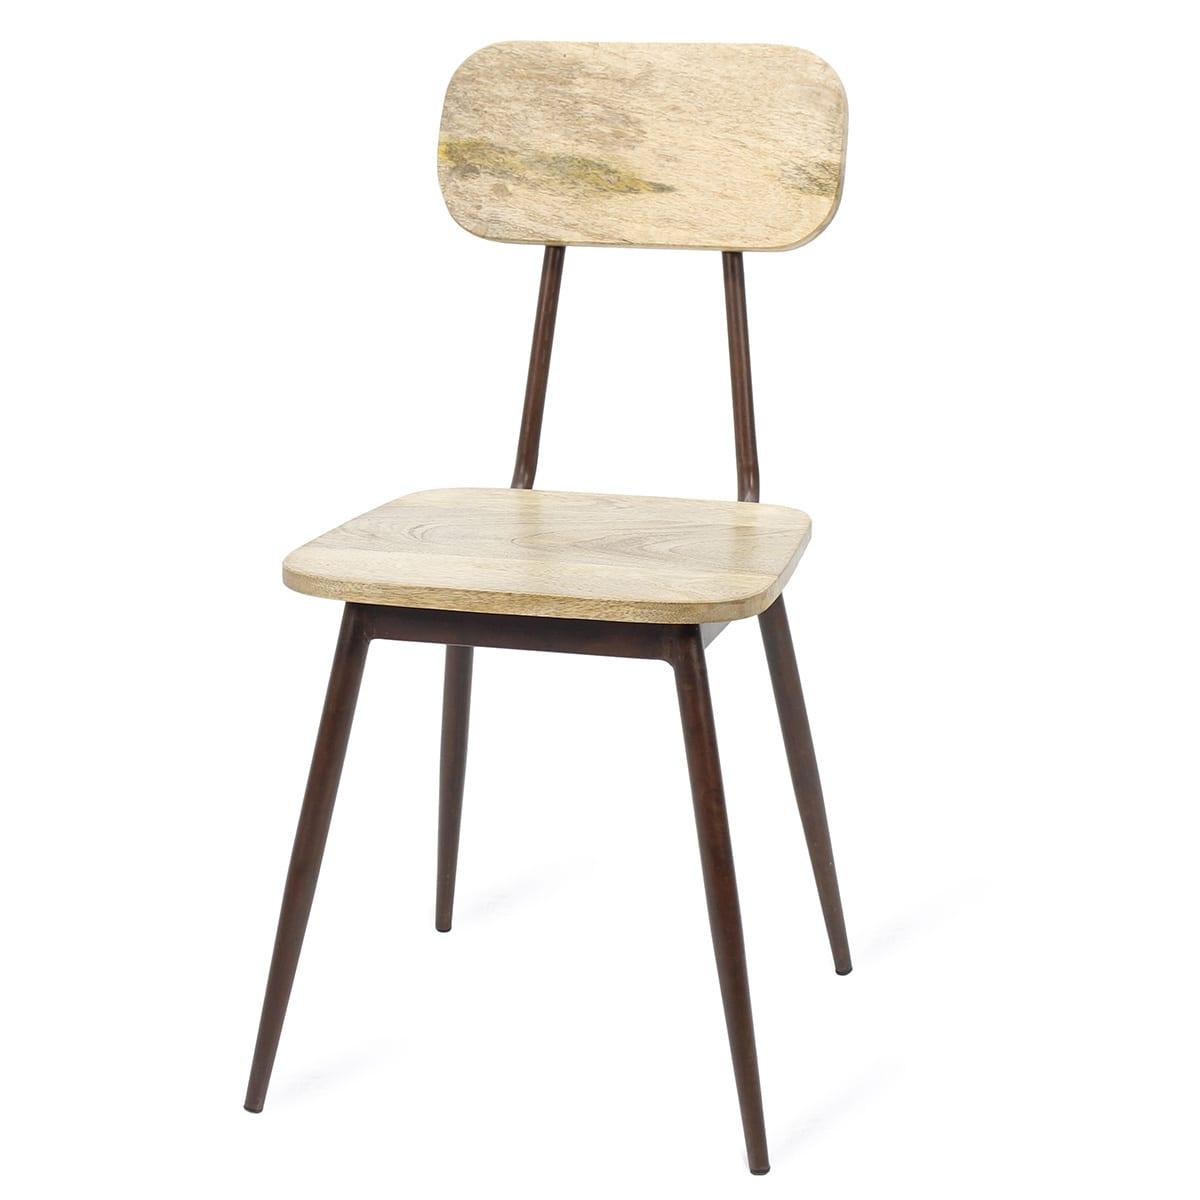 chaise de bar en bois et en m tal de style industriel. Black Bedroom Furniture Sets. Home Design Ideas